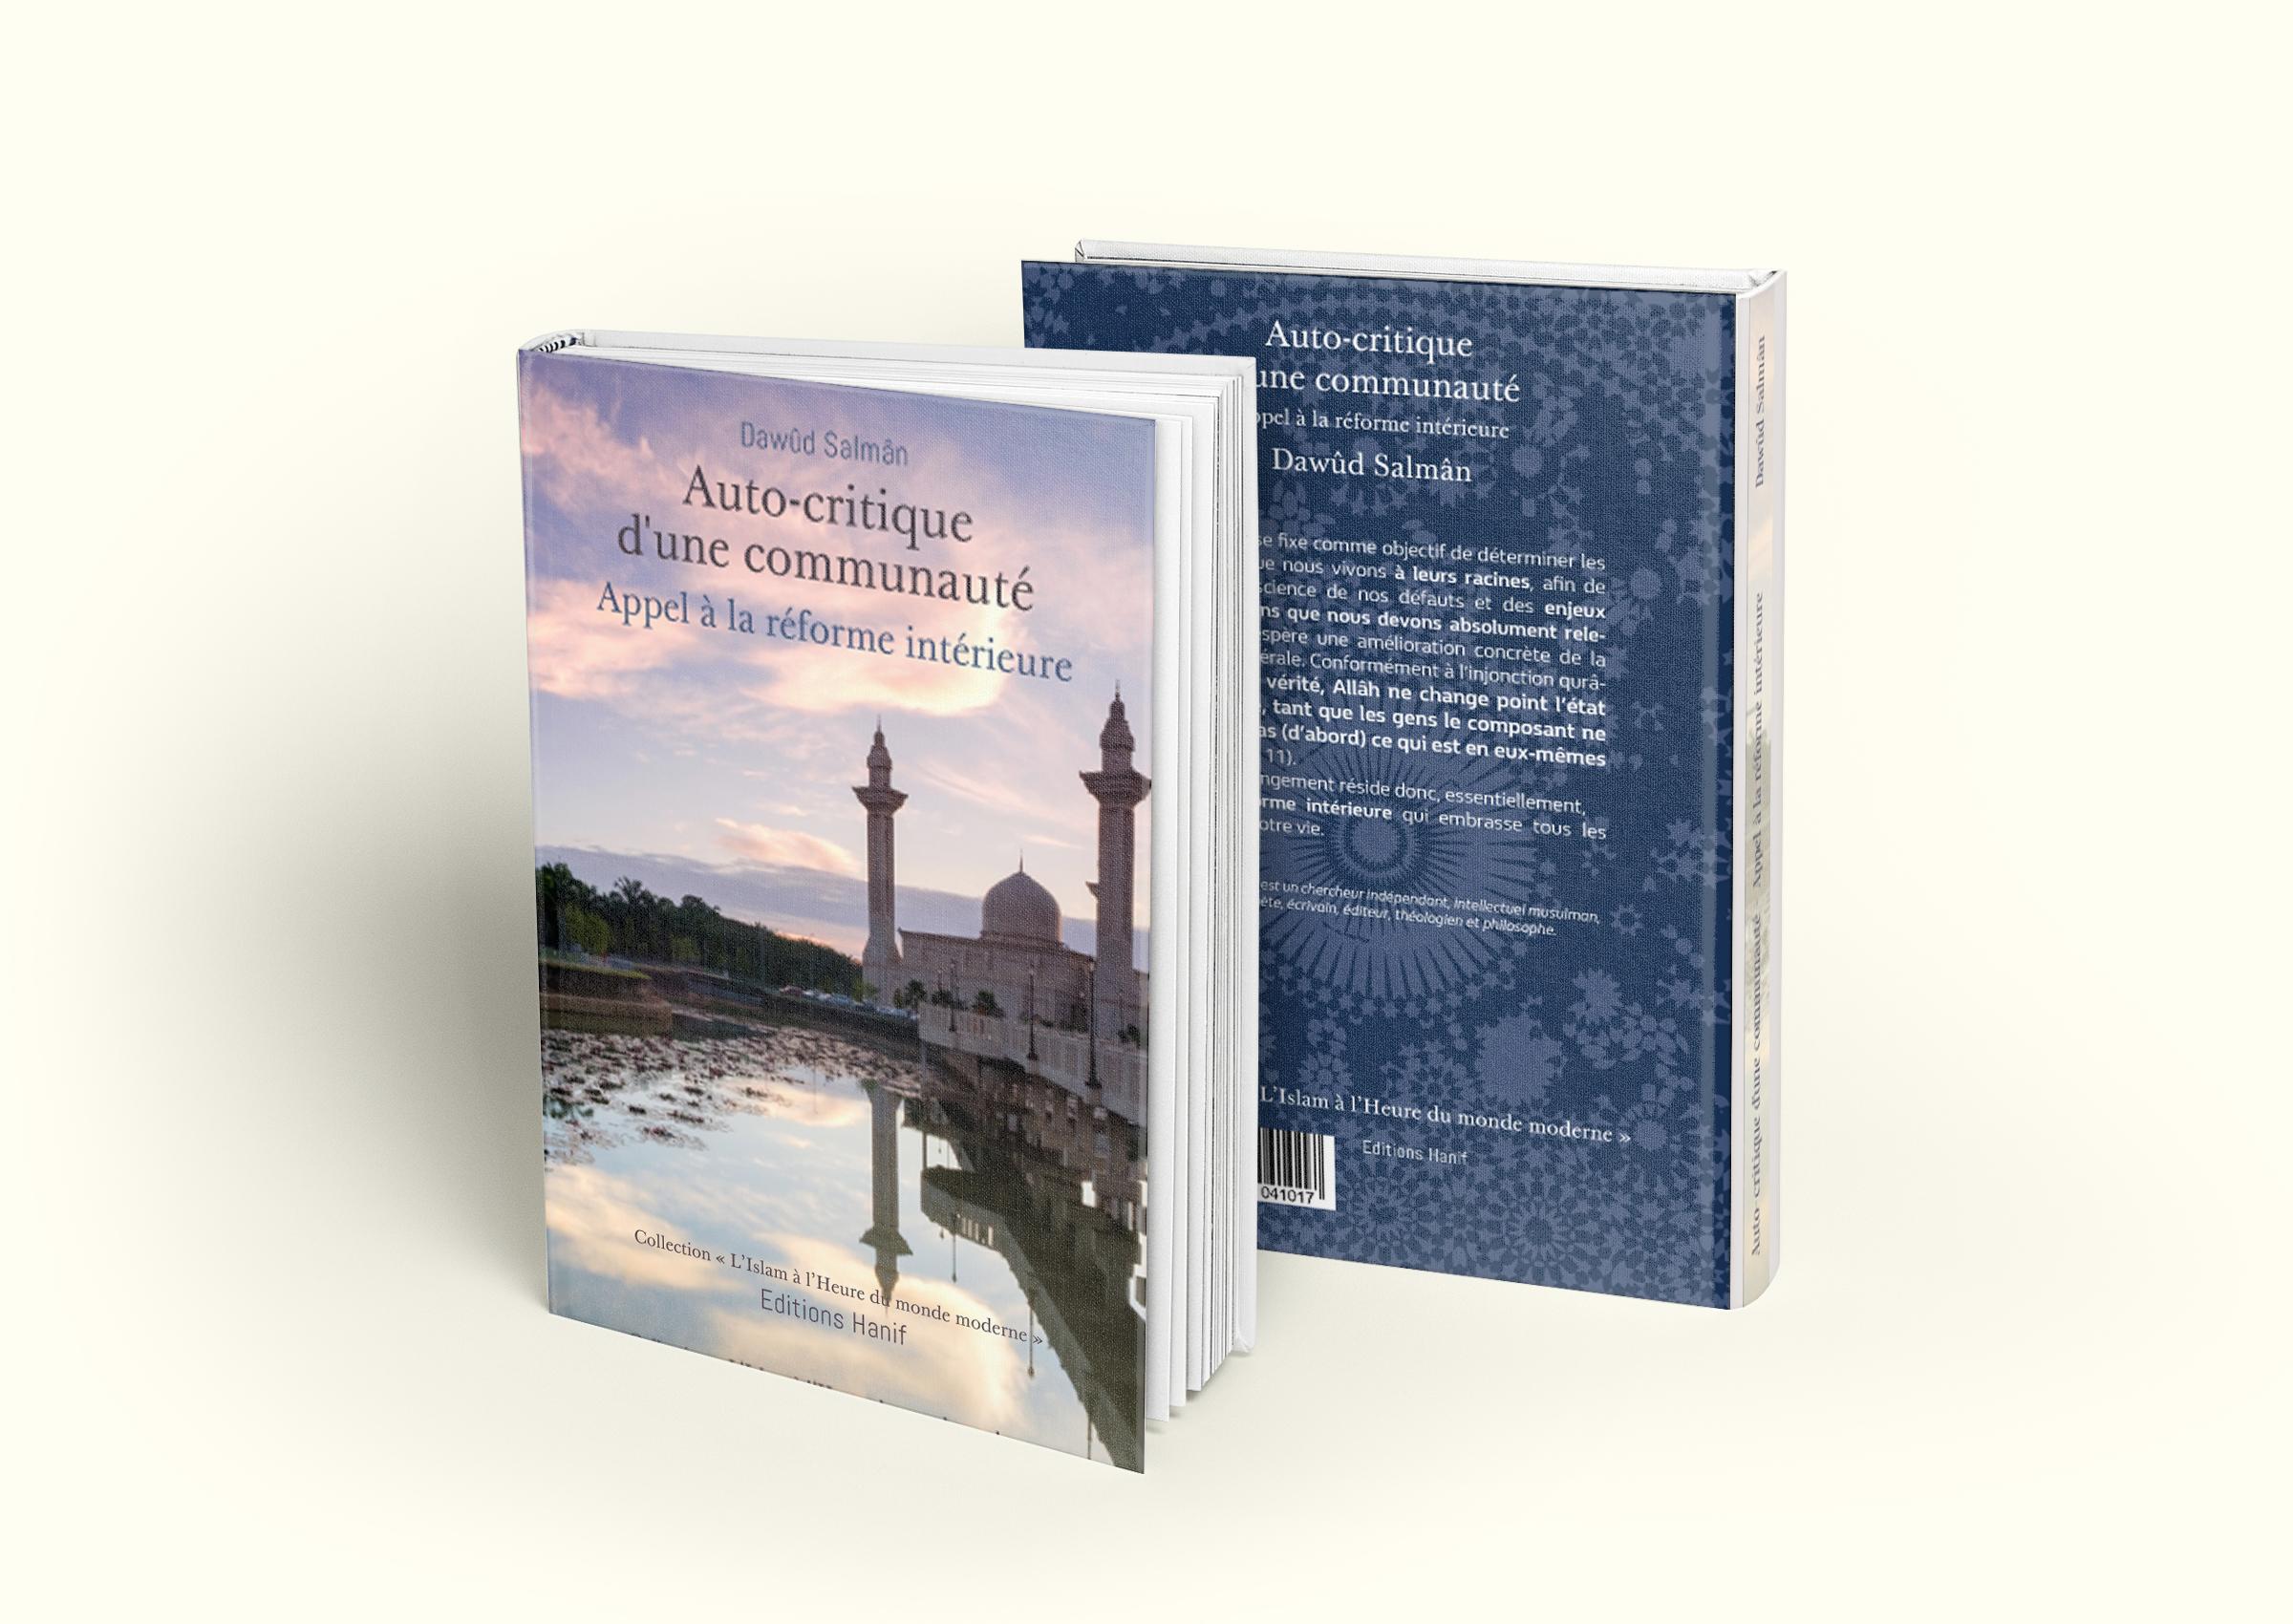 """Livre """"Auto-critique d'une communauté, Appel à la réforme intérieure"""" de Dawûd Salmân"""